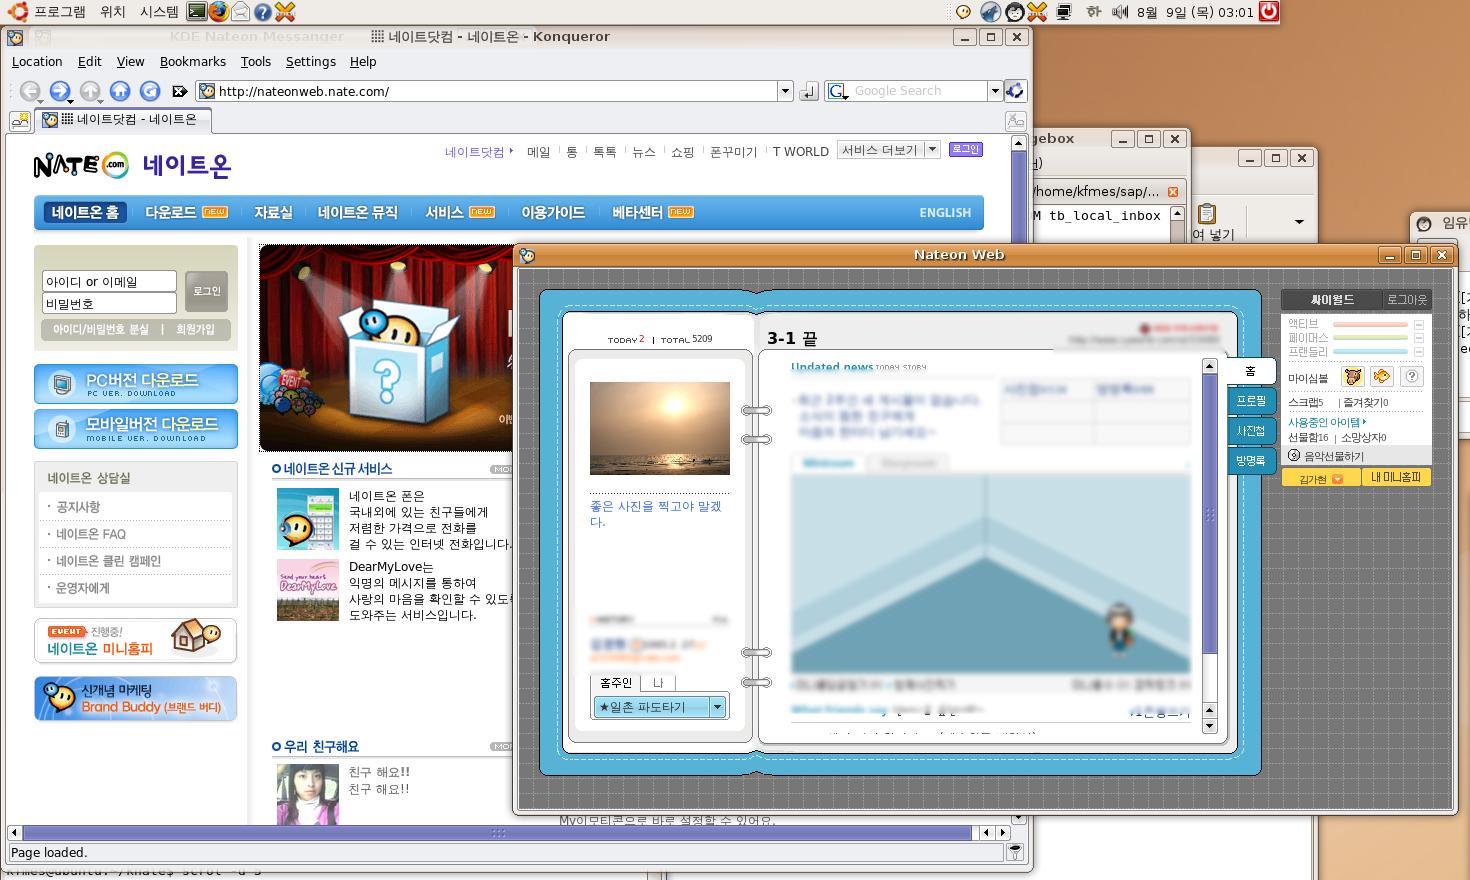 미니홈피 및 웹브라우징